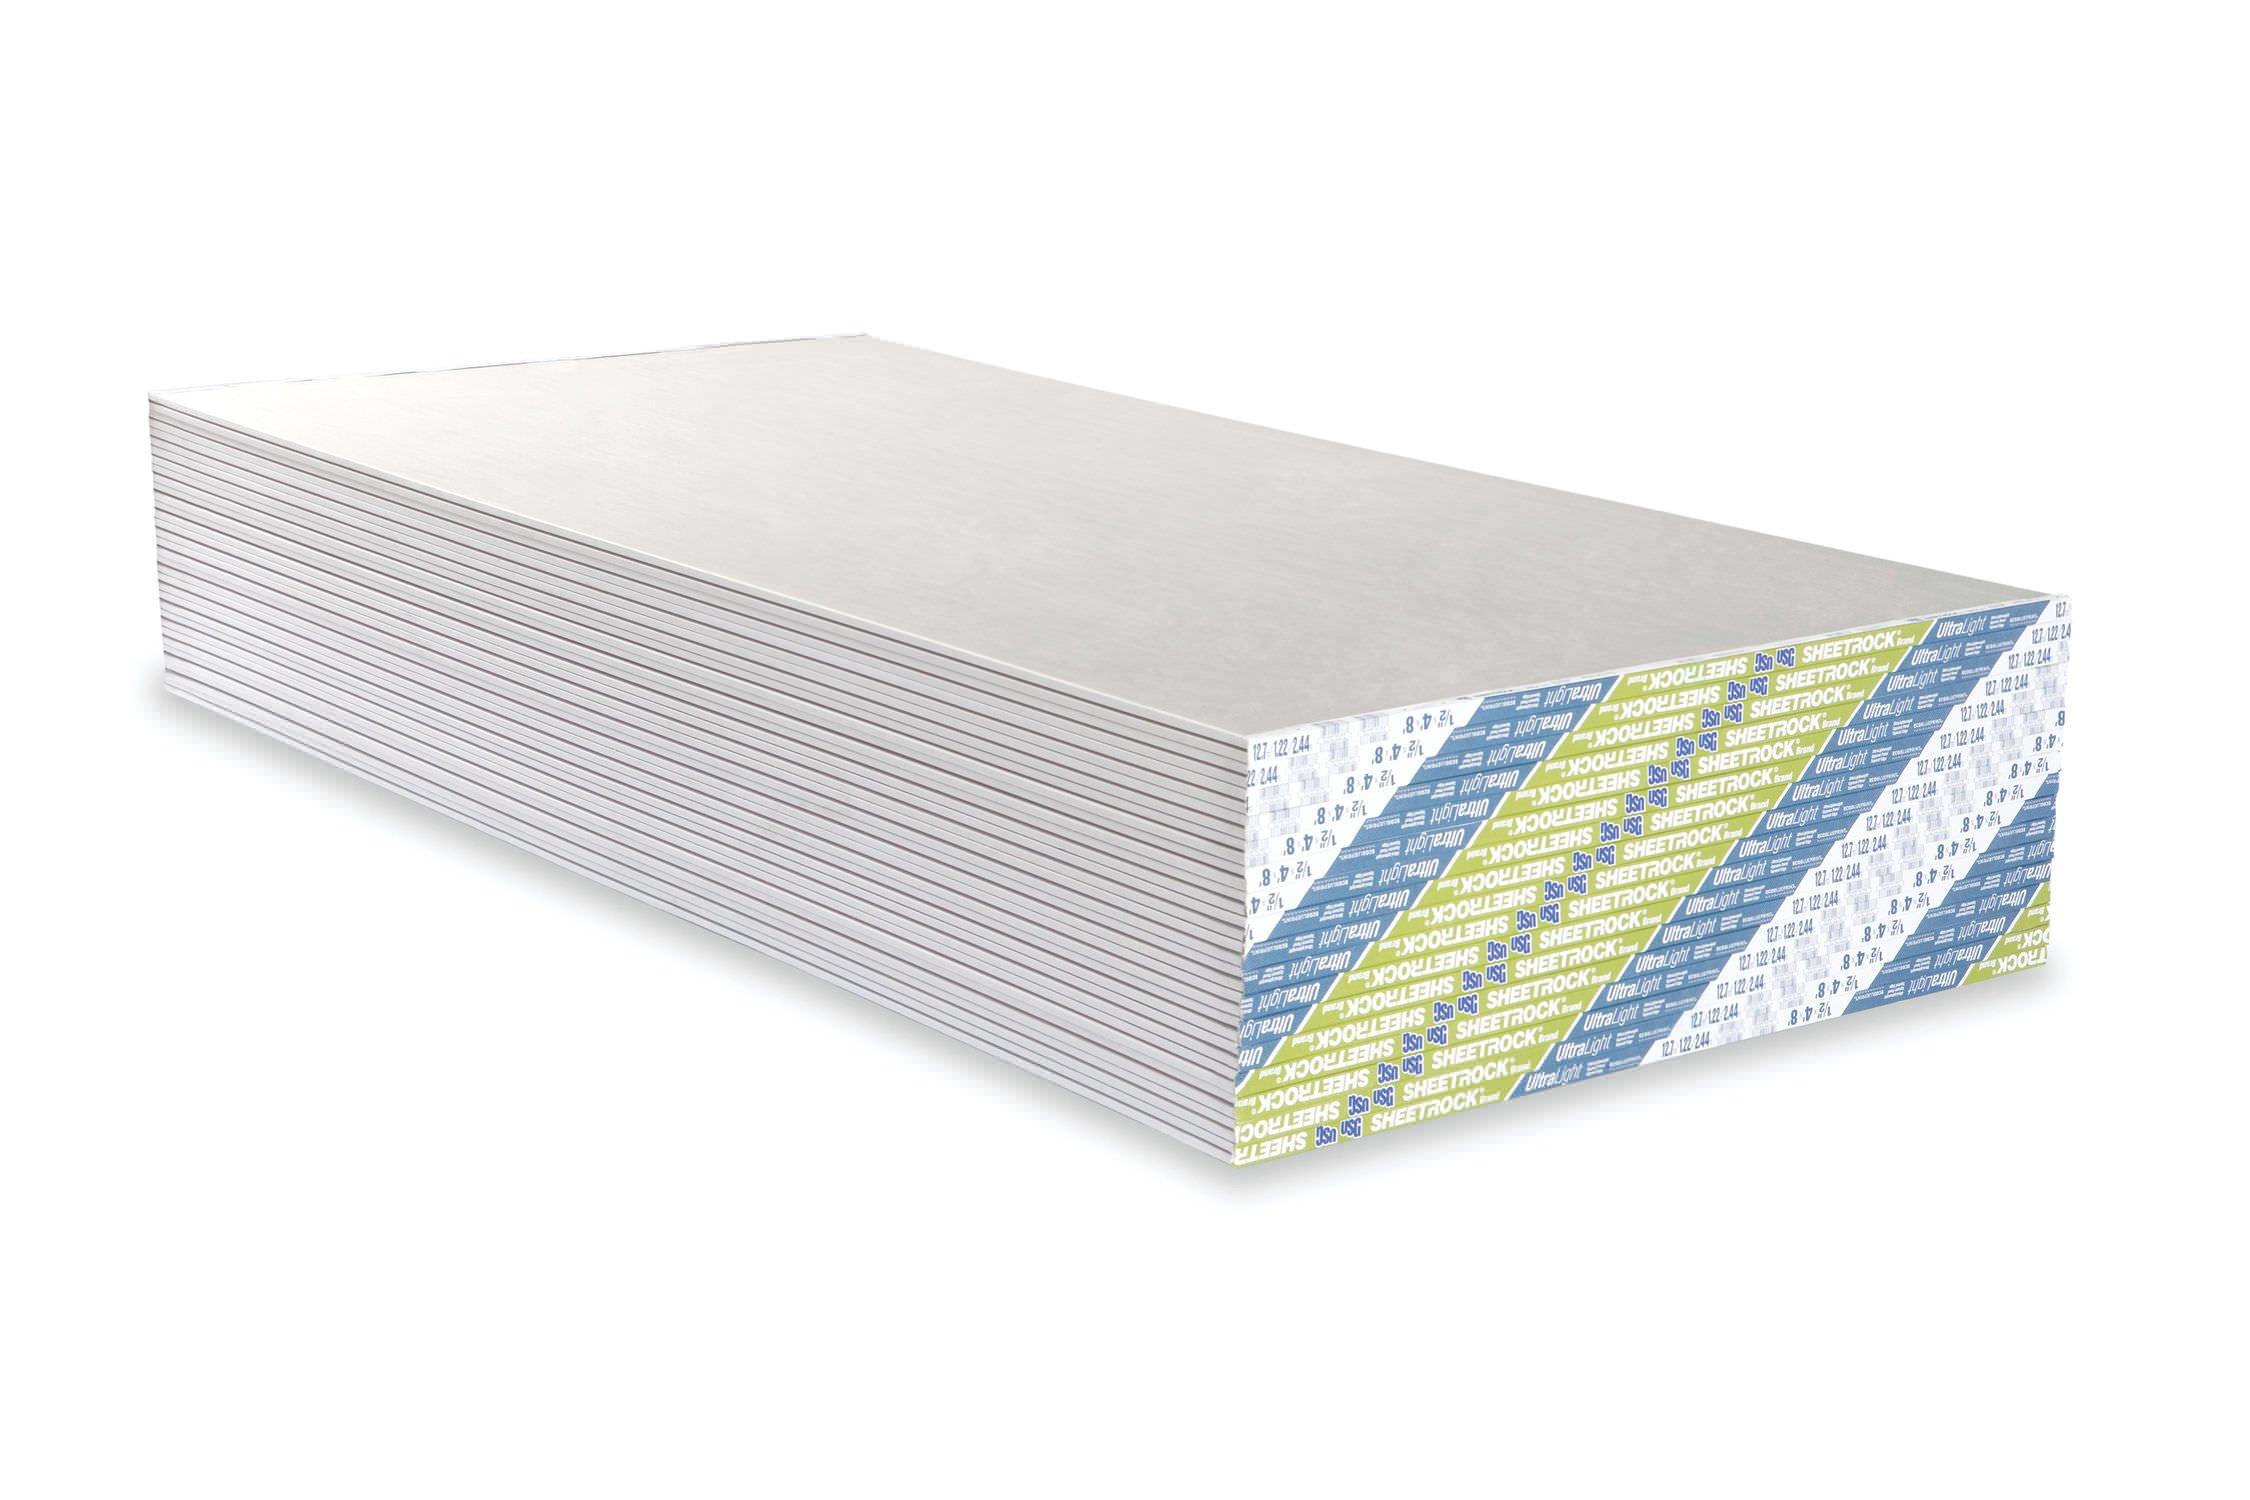 Placas de yeso laminado como insonorizar tu gu a de insonorizaci n - Placas de yeso para techos ...